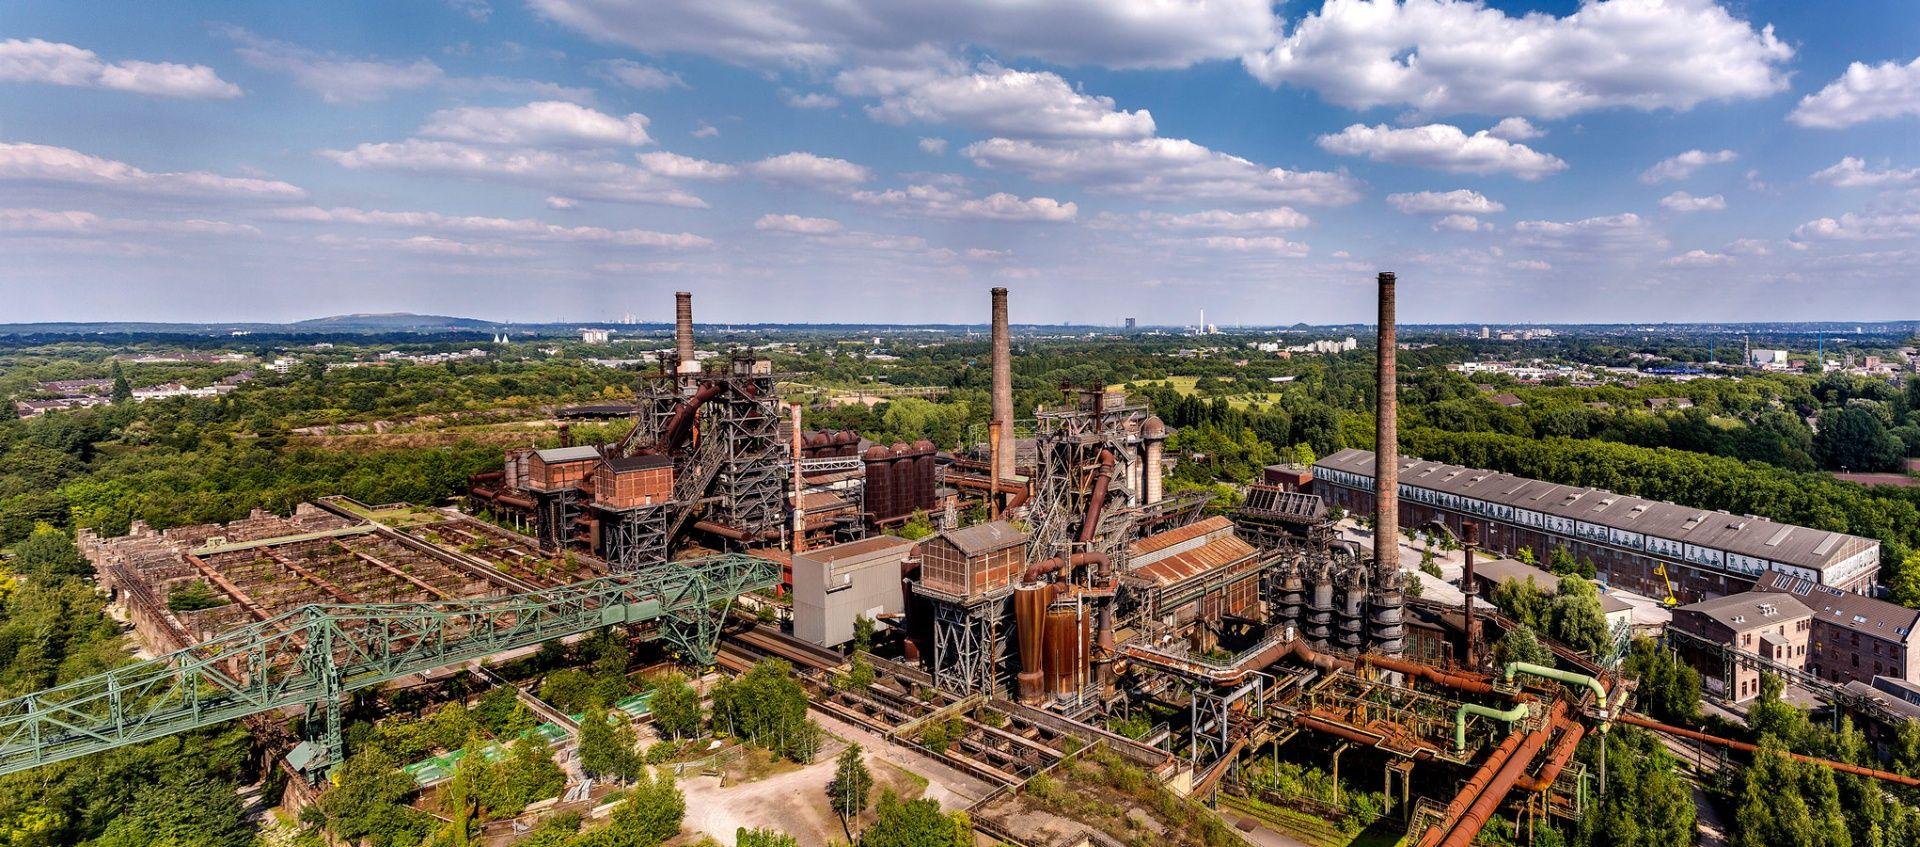 Post Industrial Parks Inspiration Modlar Com Abandoned Landscape Design Park